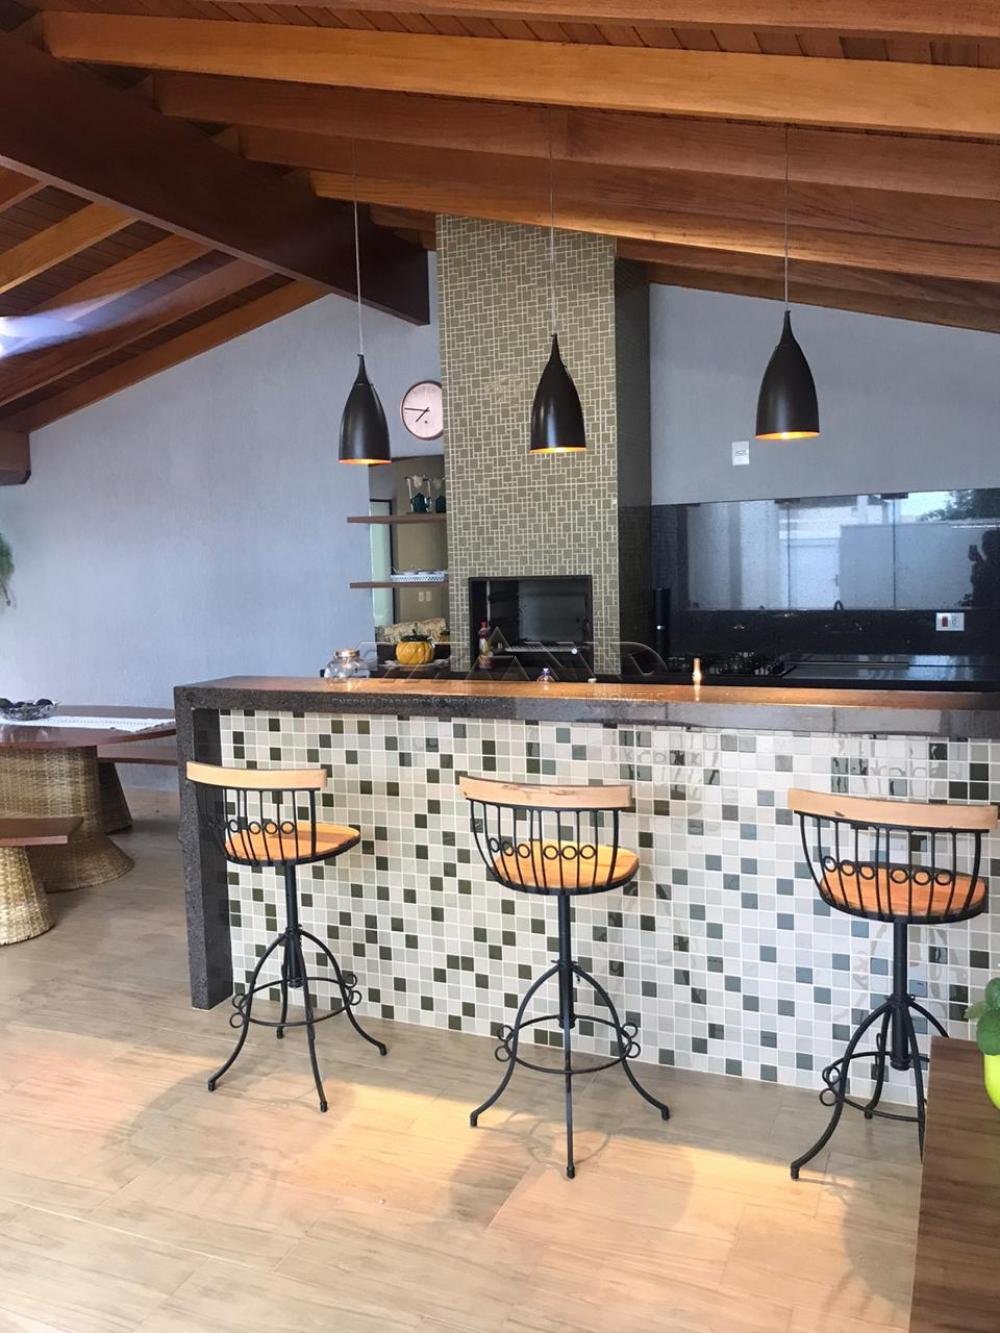 Comprar Casa / Condomínio em Ribeirão Preto apenas R$ 630.000,00 - Foto 10